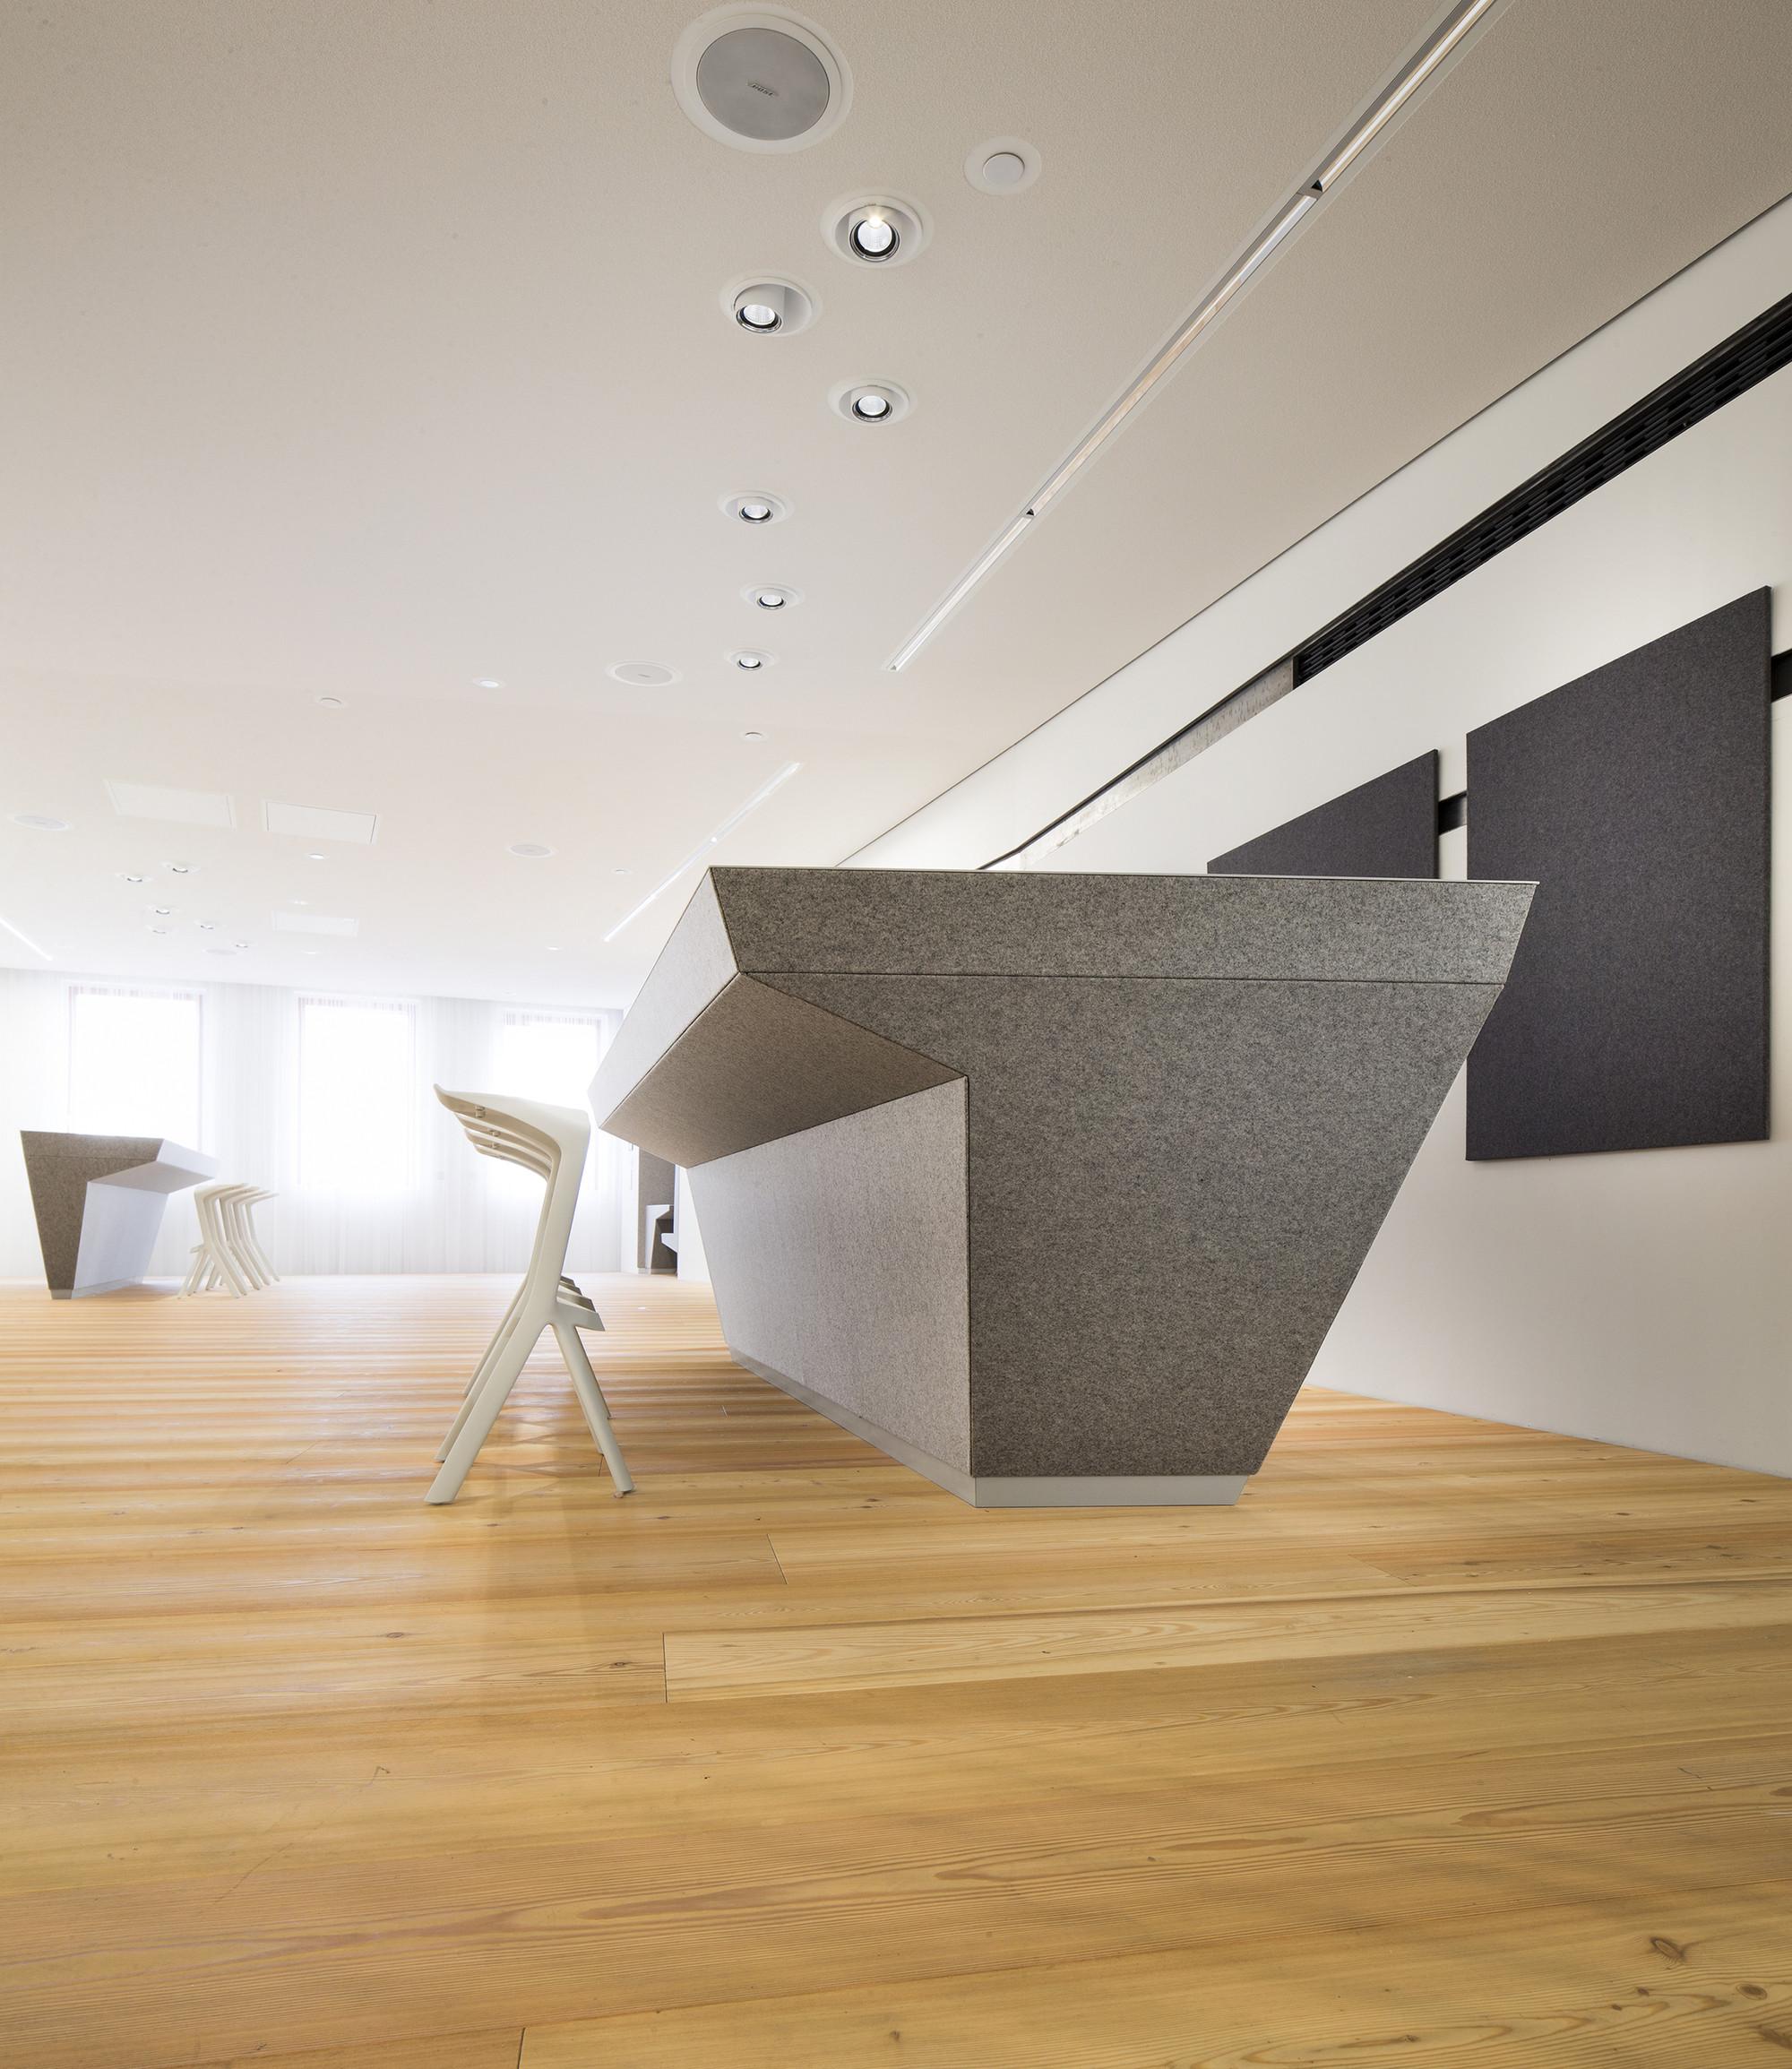 Schöne Räume gallery of kreativlabs schöne räume architektur innenarchitektur 11